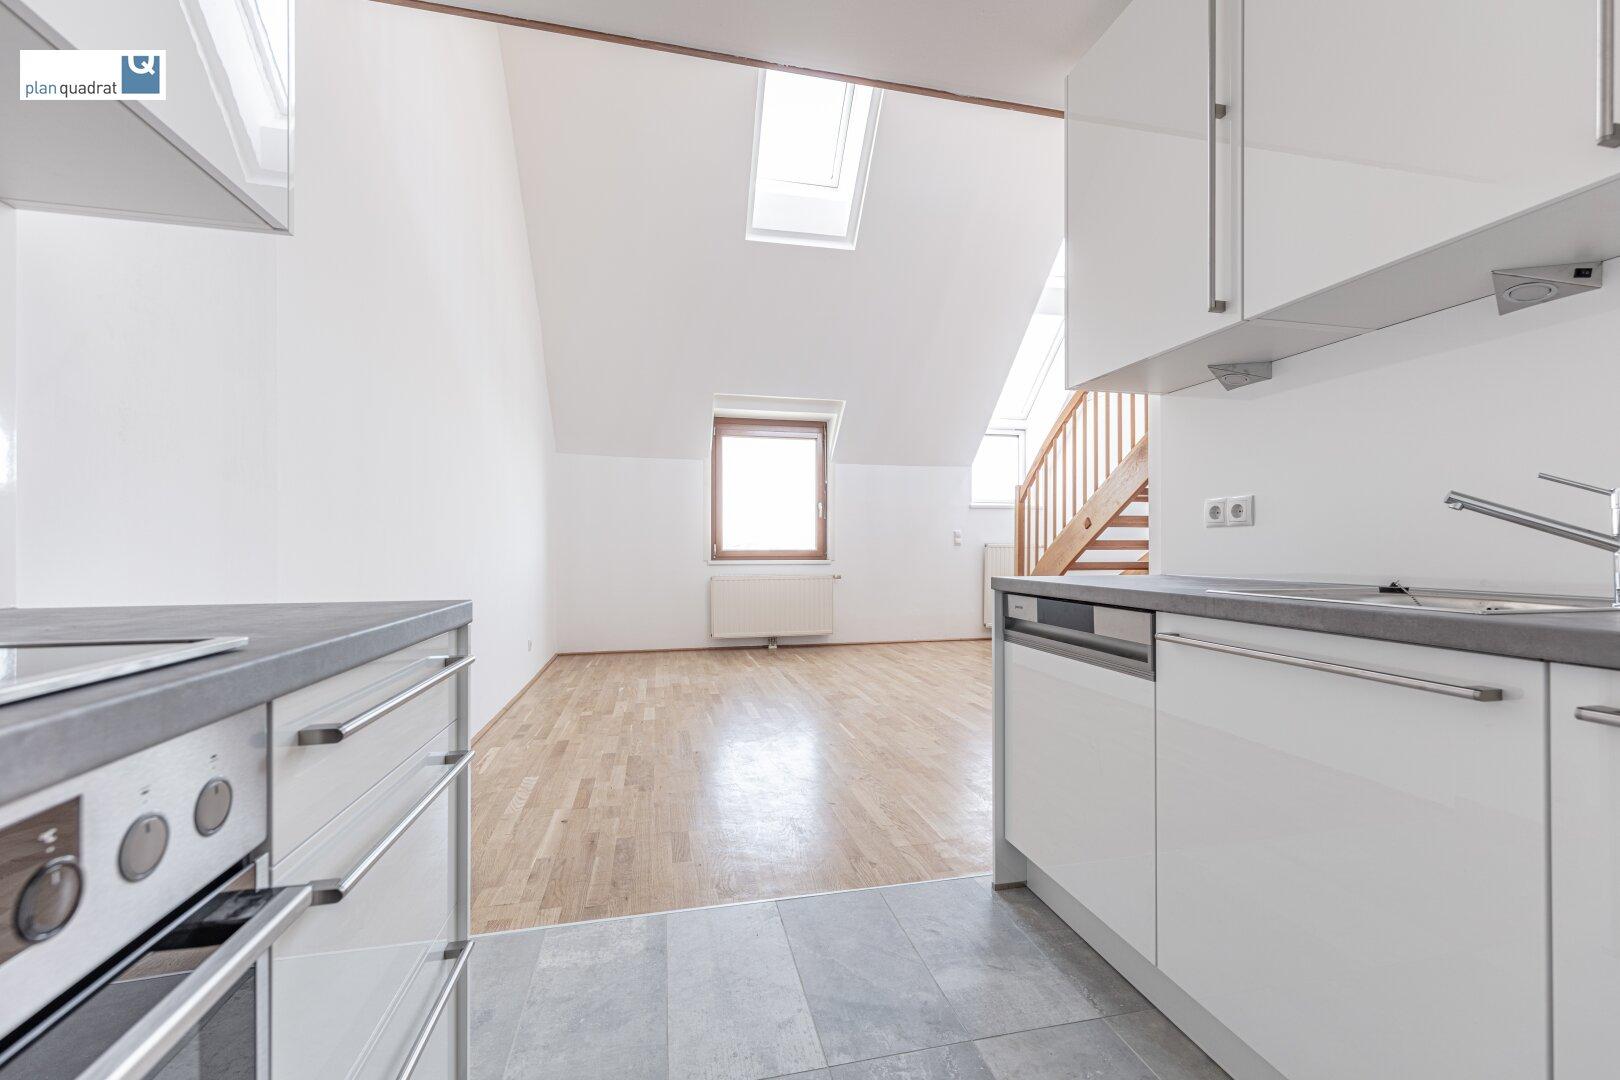 Küche (ca. 5,20 m²) mit Blick ins Wohn- / Esszimmer